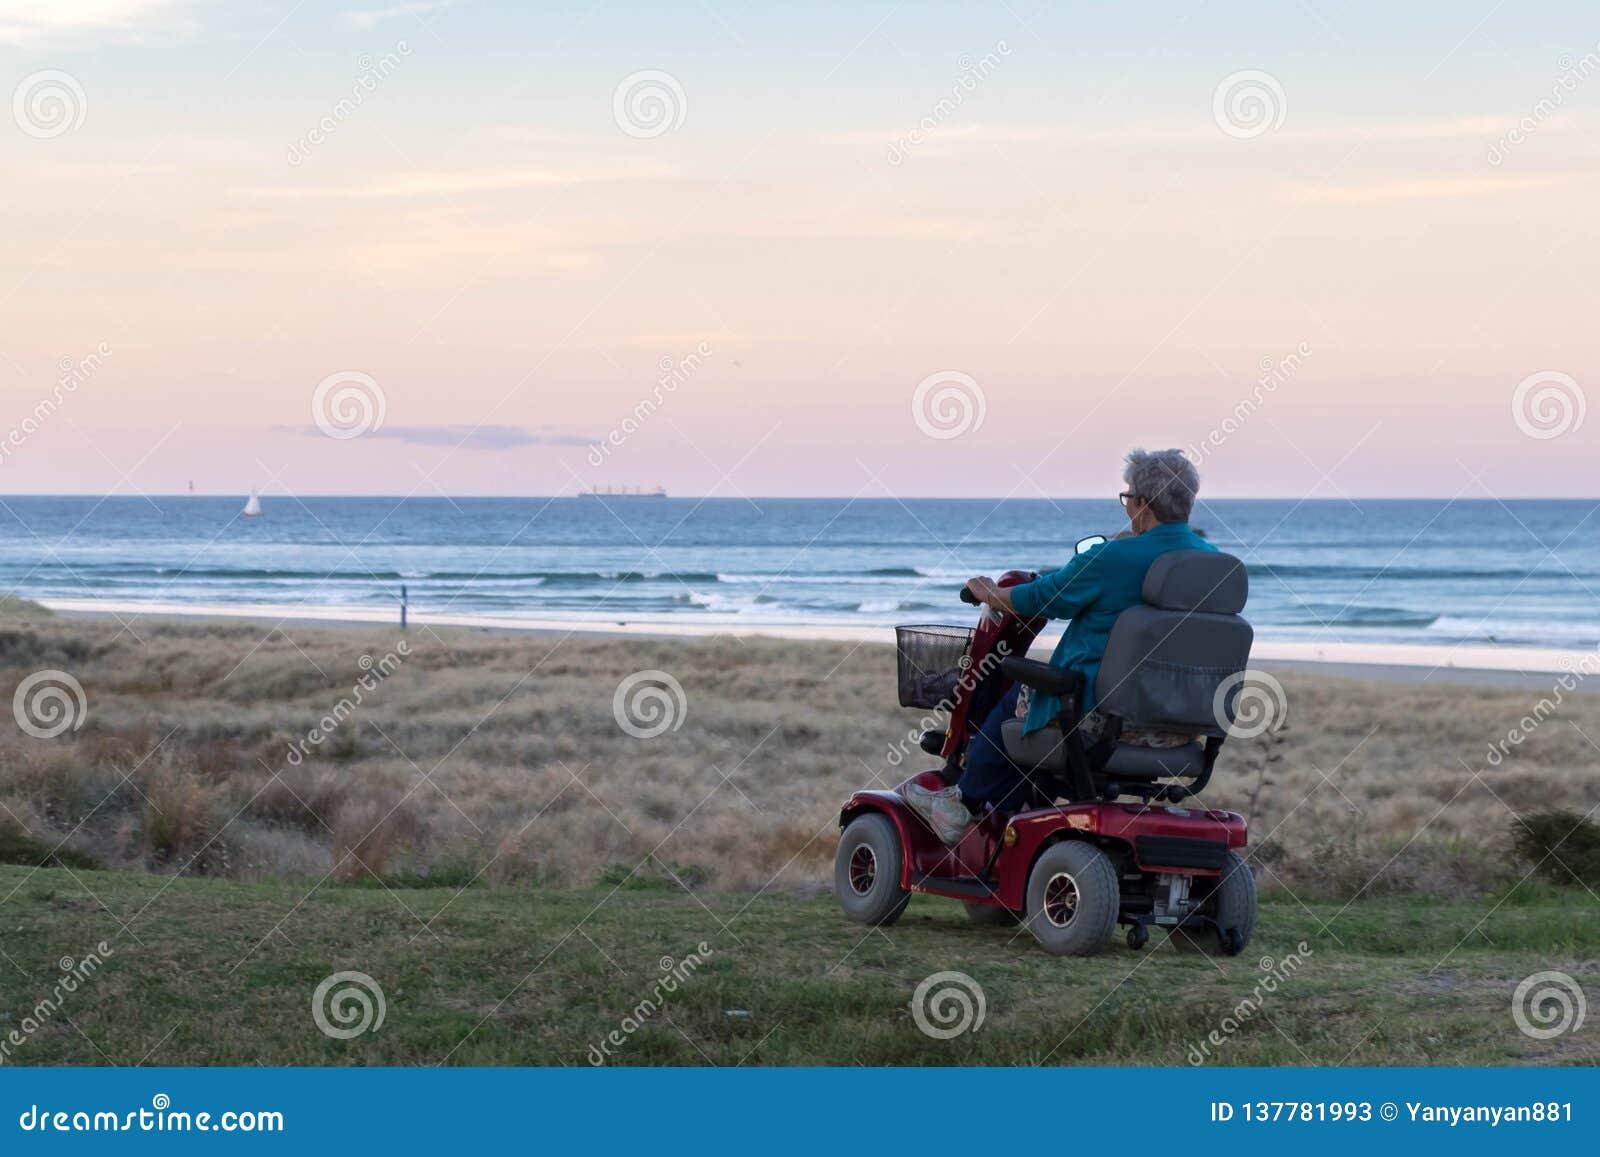 Una mujer mayor monta en una silla de ruedas eléctrica parqueada en la playa en el tiempo de la puesta del sol, en una atmósfera